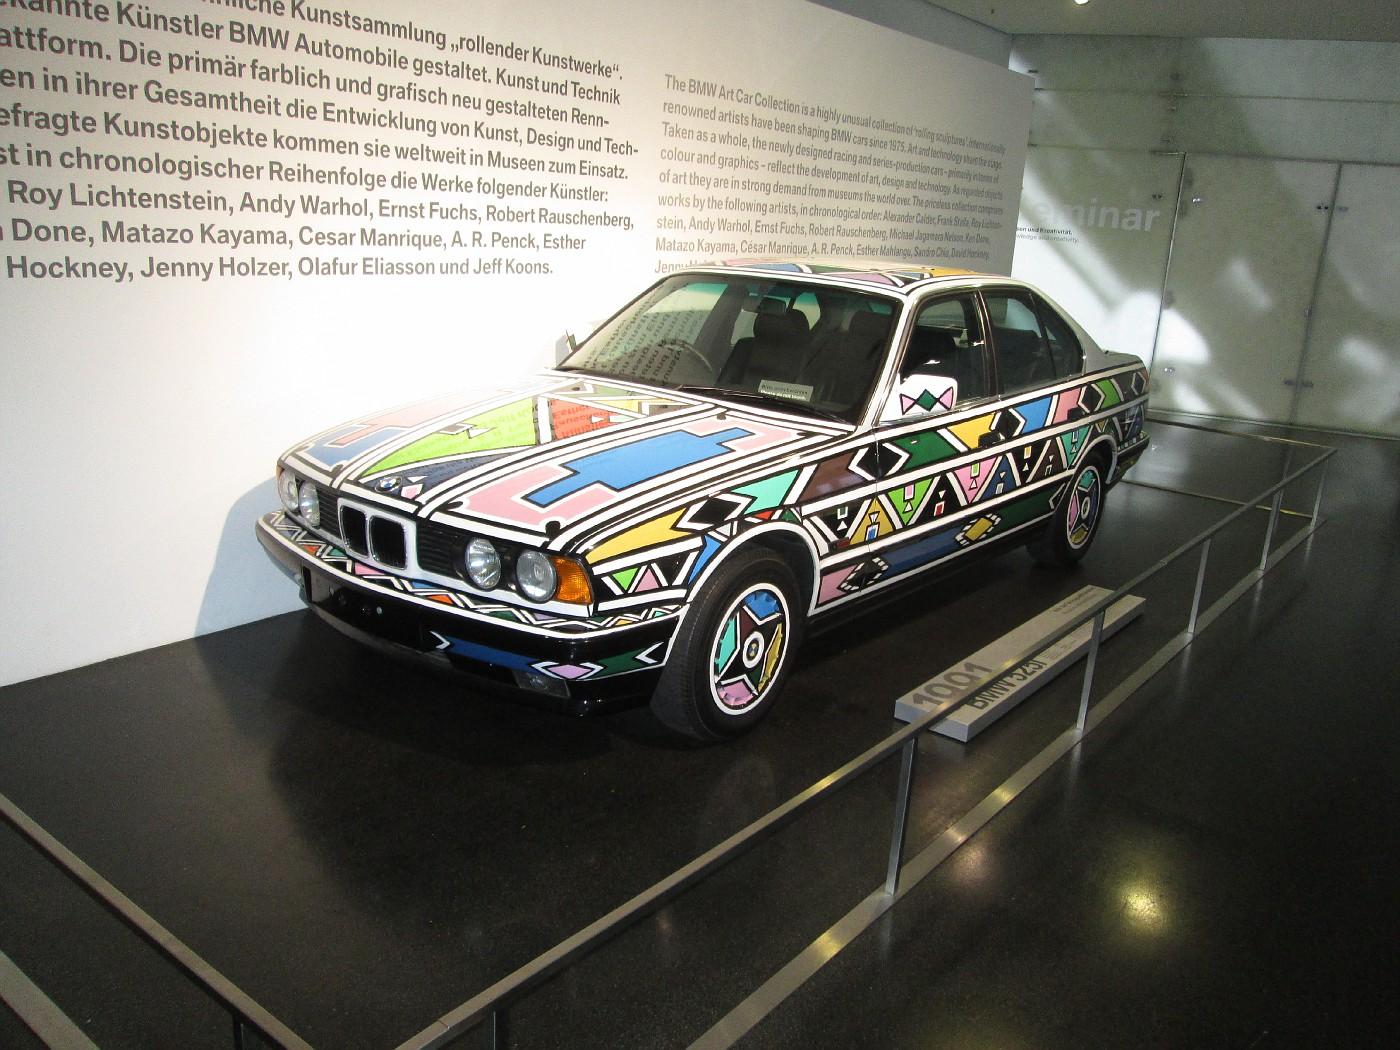 Photo BMW I Art Car Painted By BMW Museum - Bmw 525i 2013